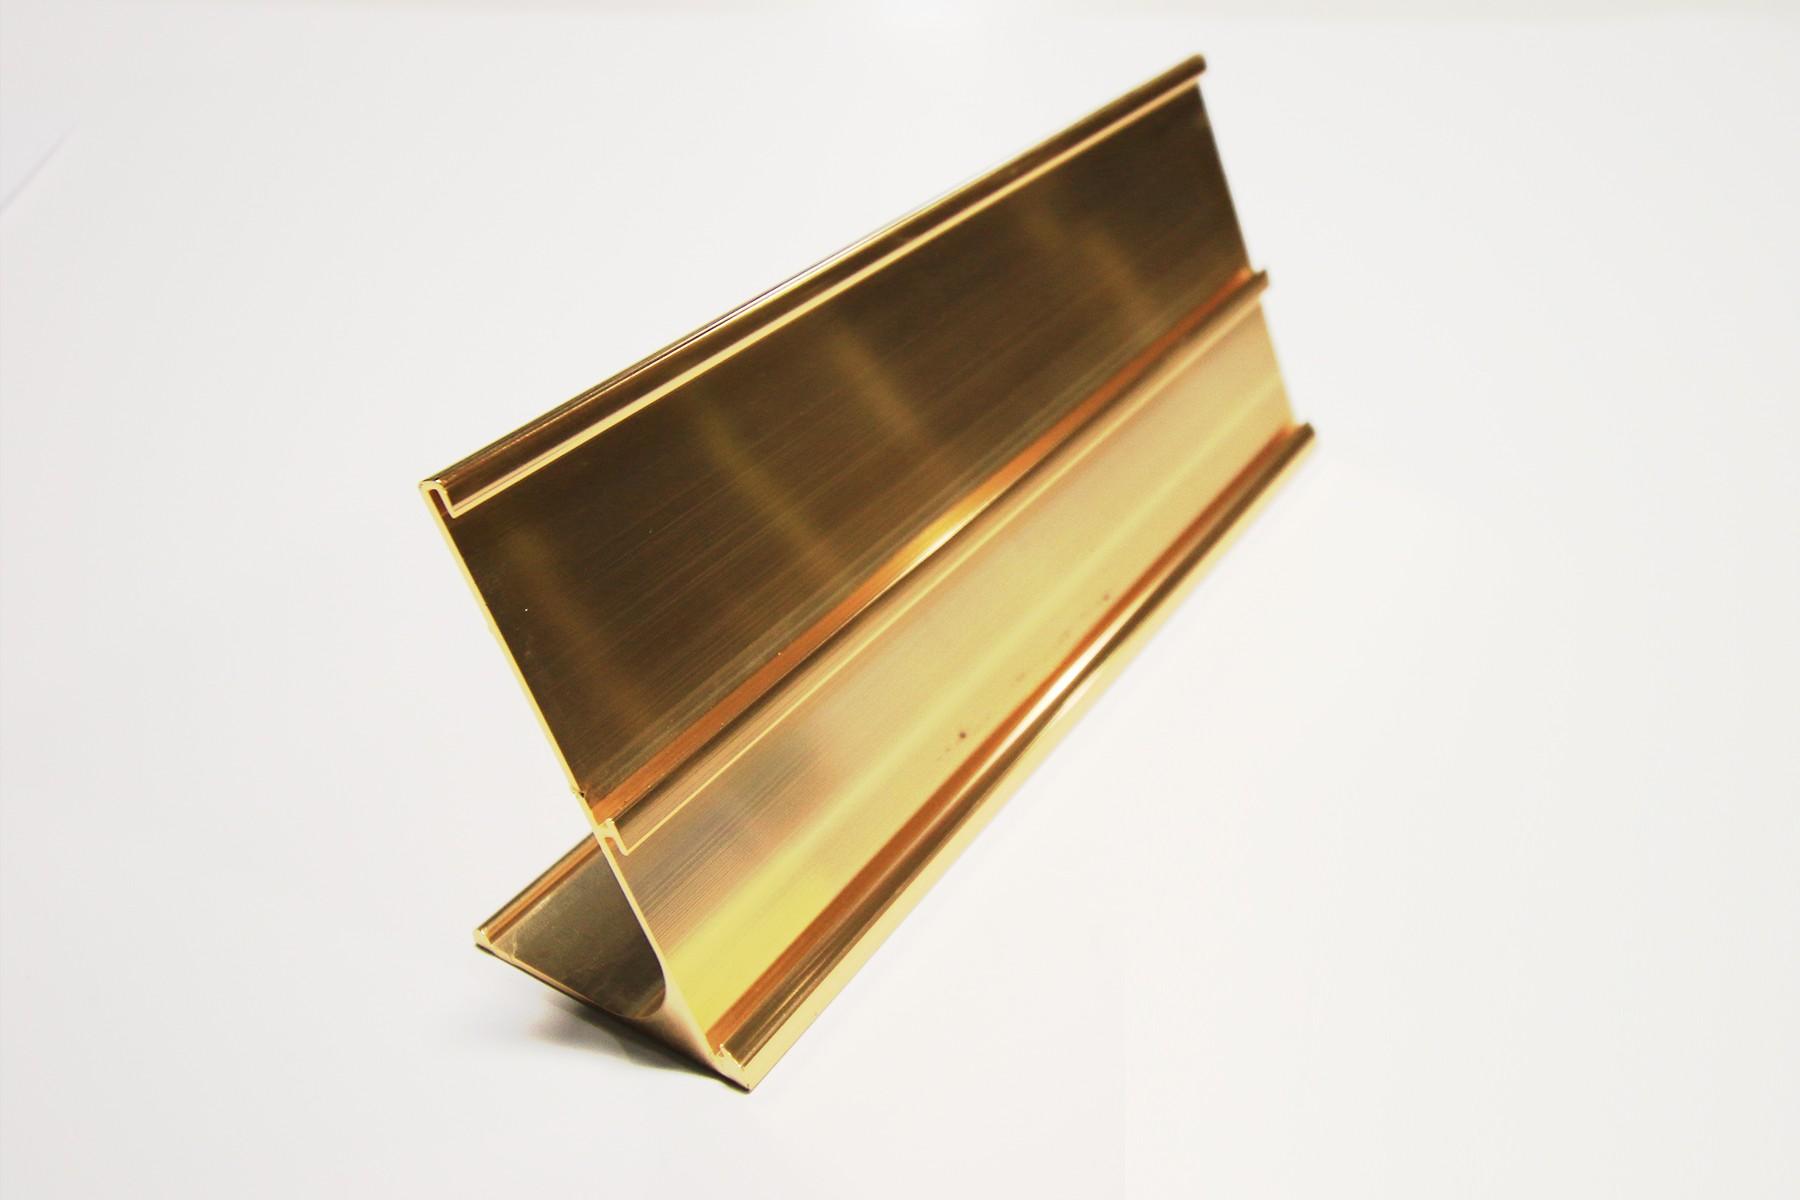 2 & 1-1/2 x 9 Multi Desk Holder, Gold